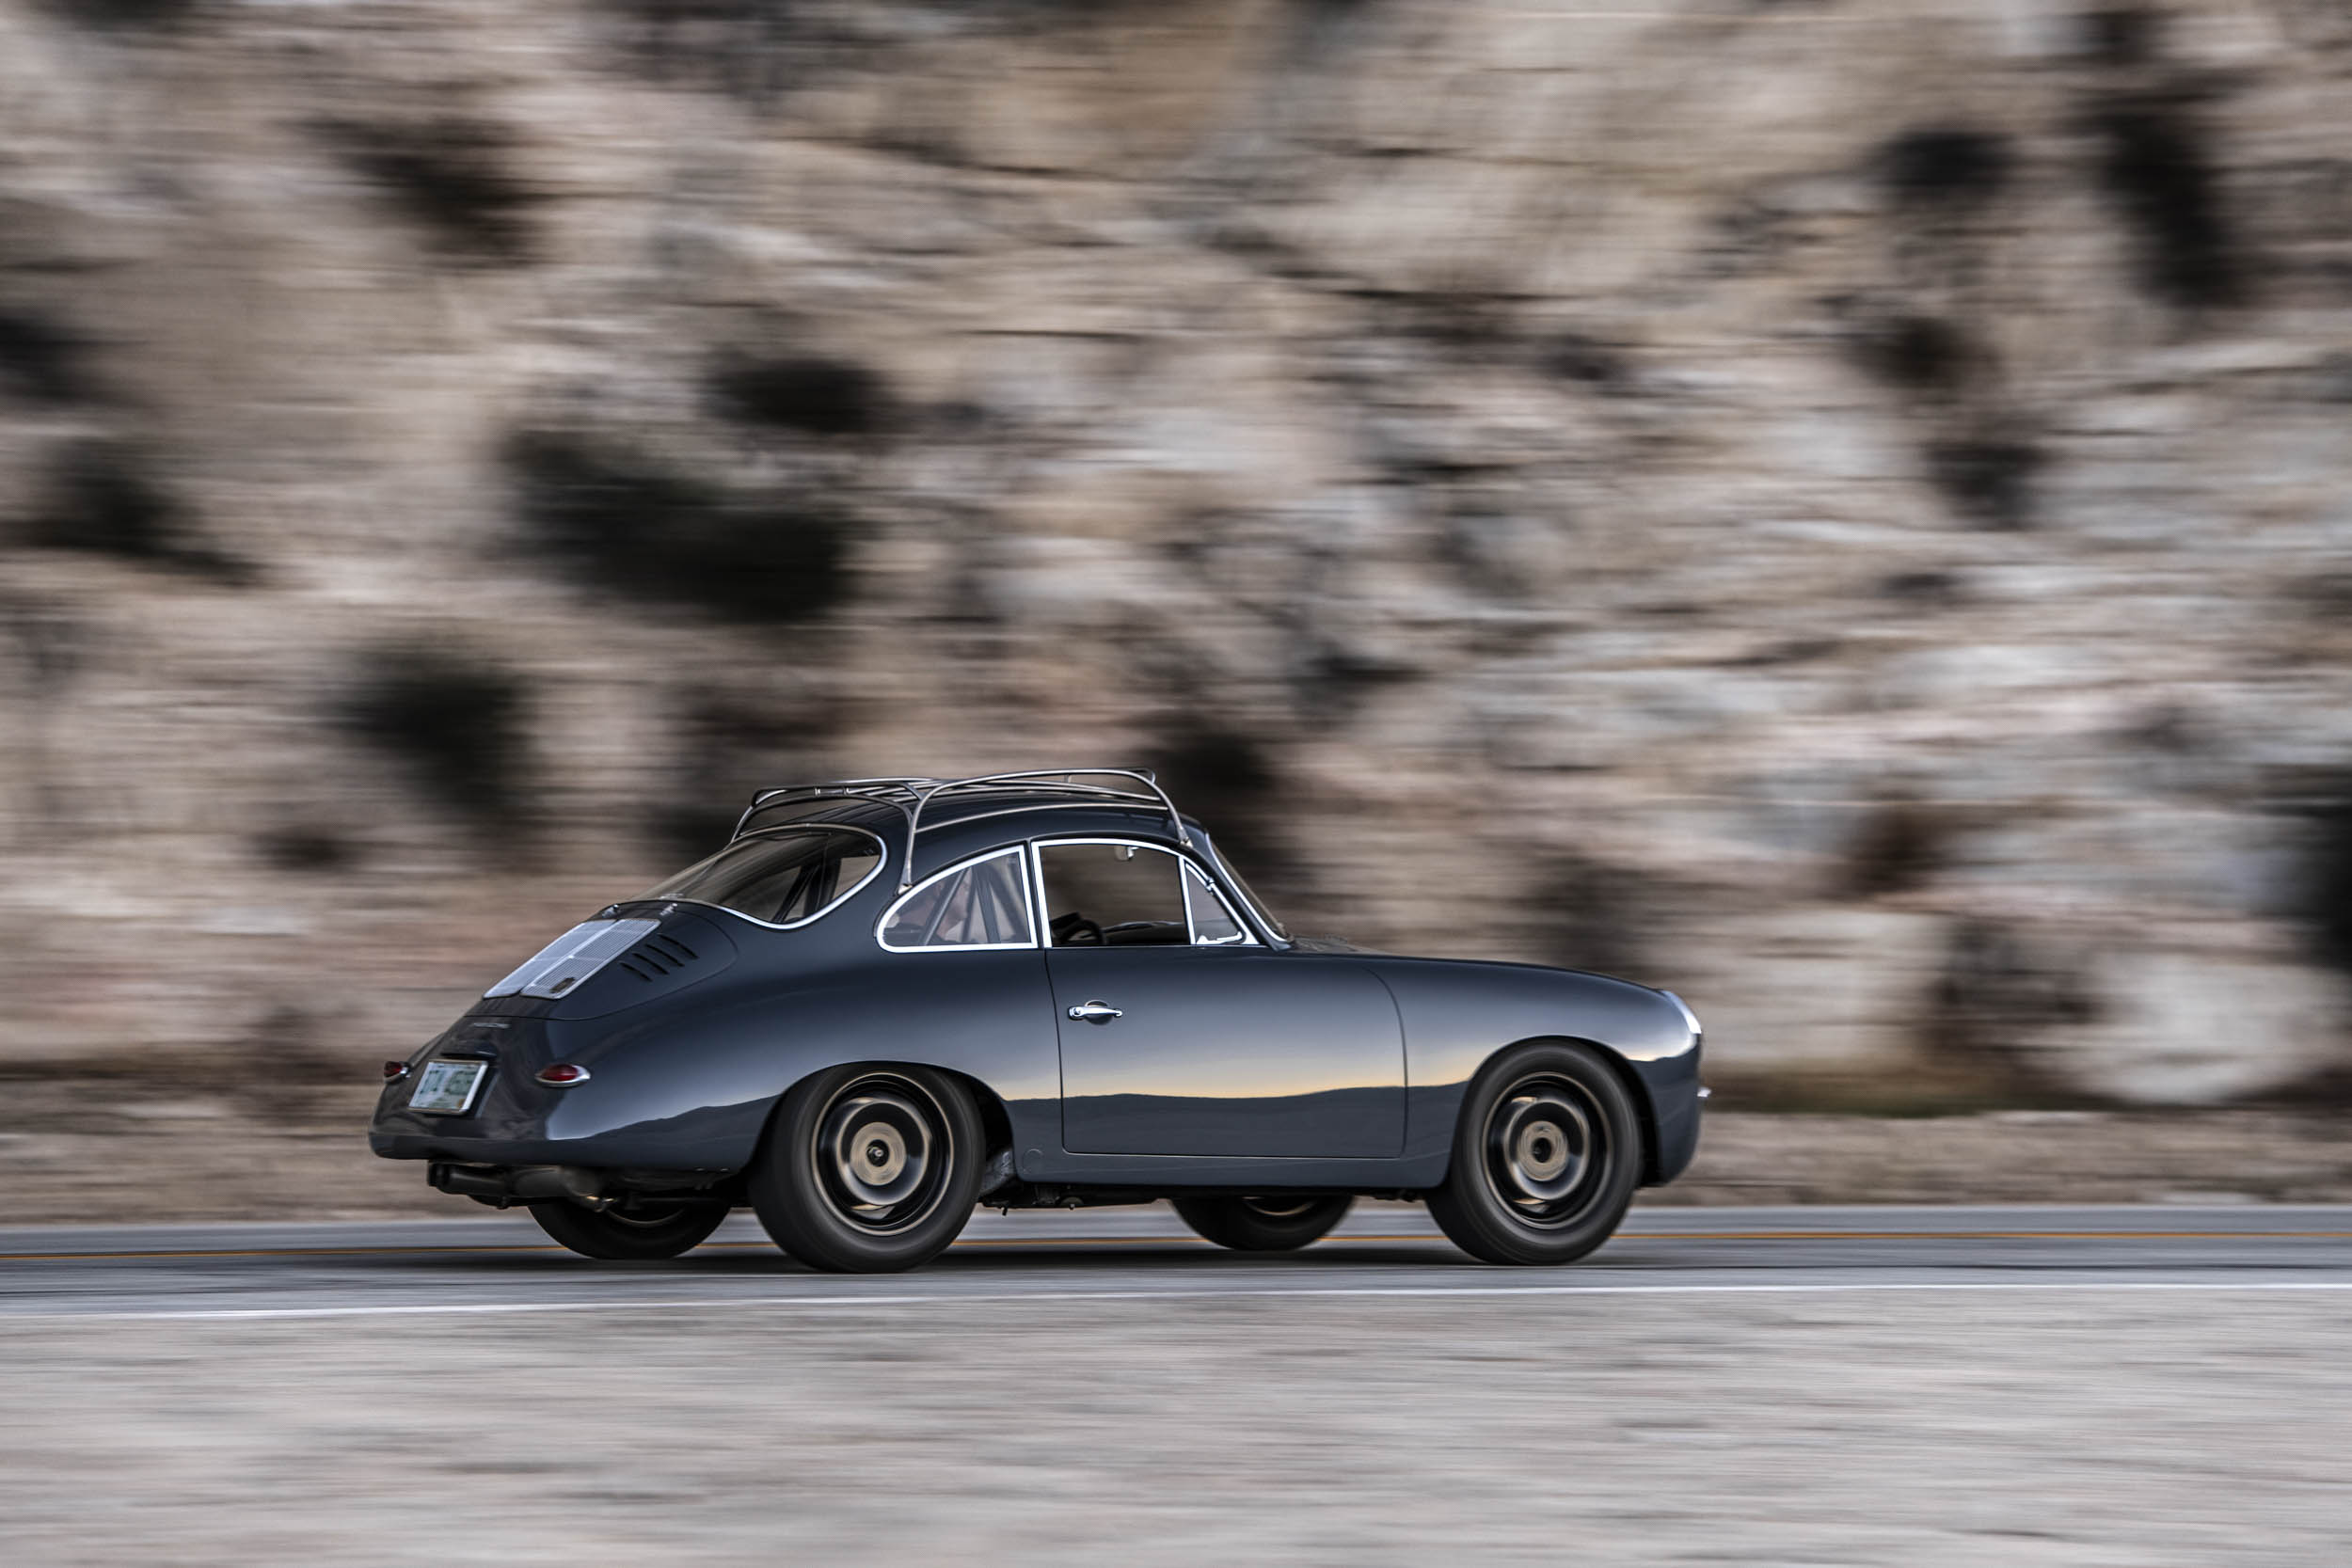 Emory Porsche 356 C4S Allrad driving profile